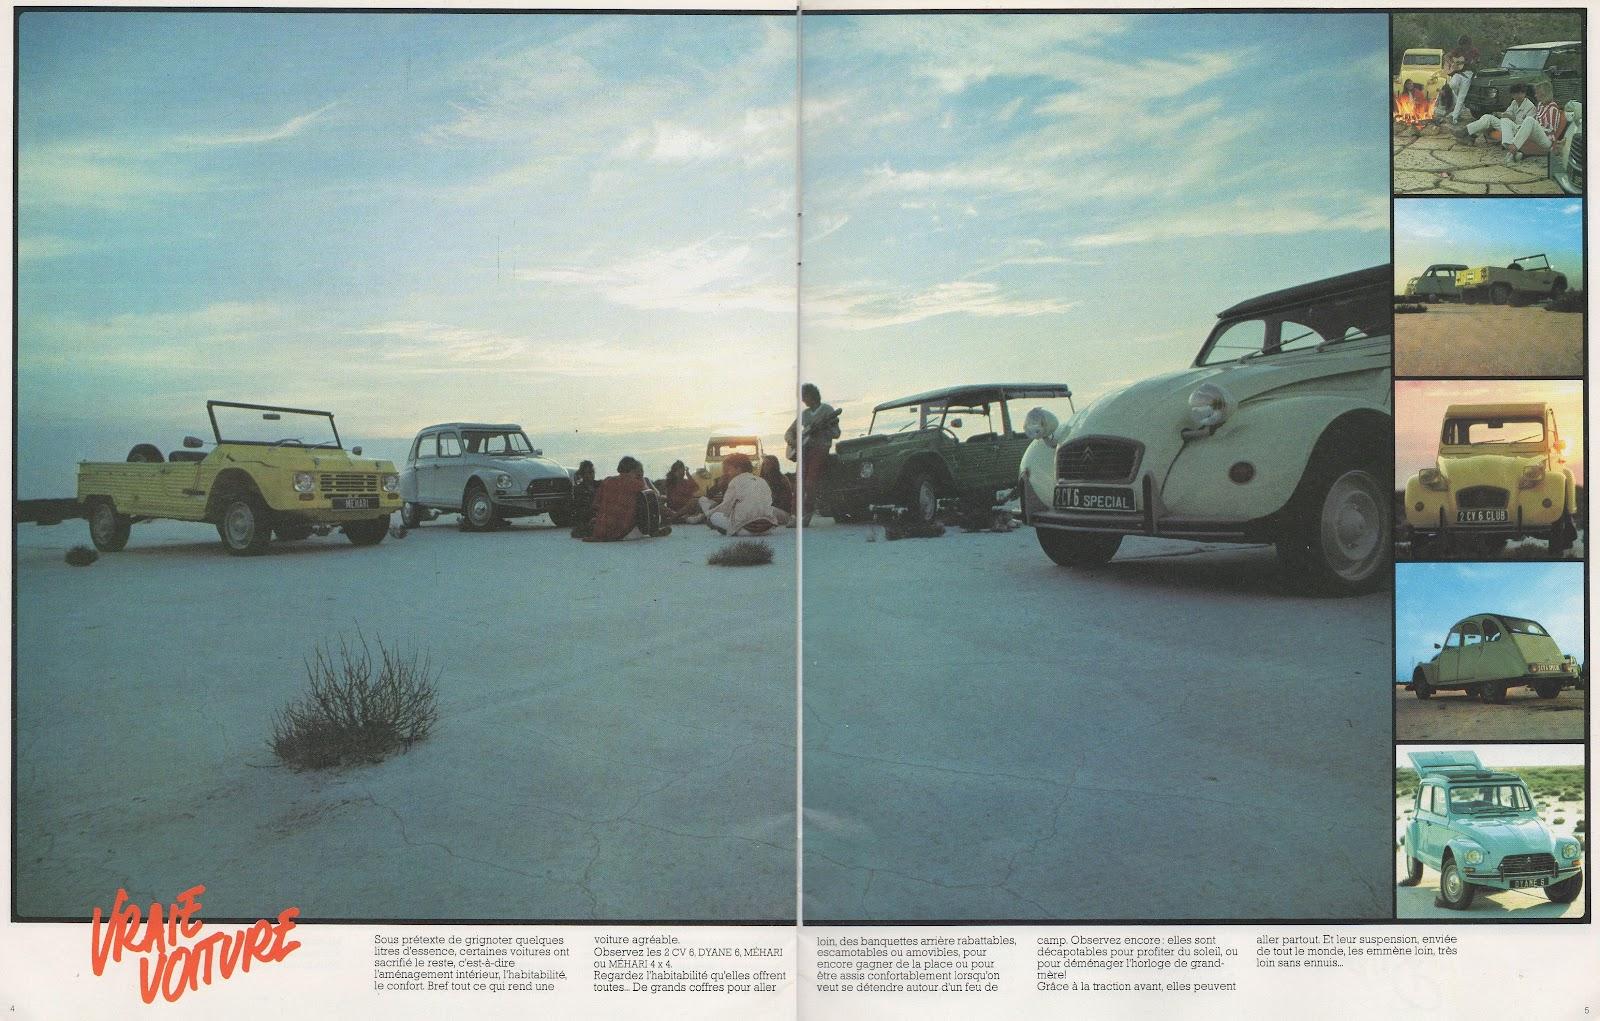 Archivo De Autos Los Citron 1980 Light Sensorldr Ofalightsensorcircuitwhenthelight Symbol3sir En La Foto Grande Izquierda A Derecha Mhar 4x2 Dyane 6 2 Cv Club Mhari 4x4 Y Spcial